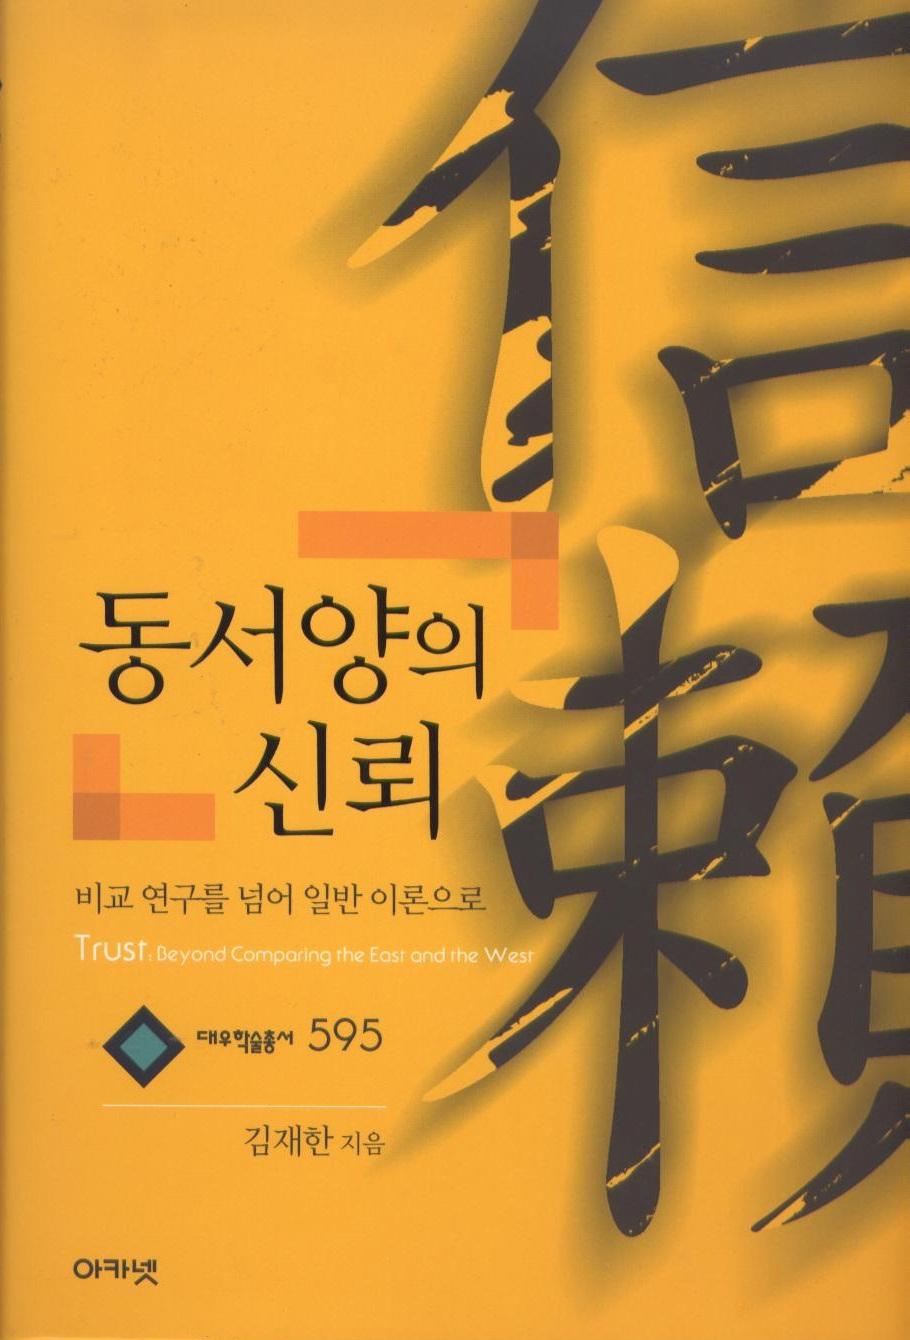 대우재단 대우학술총서 제595권 동서양의 신뢰 written by 김재한 and published by 아카넷 in 2009